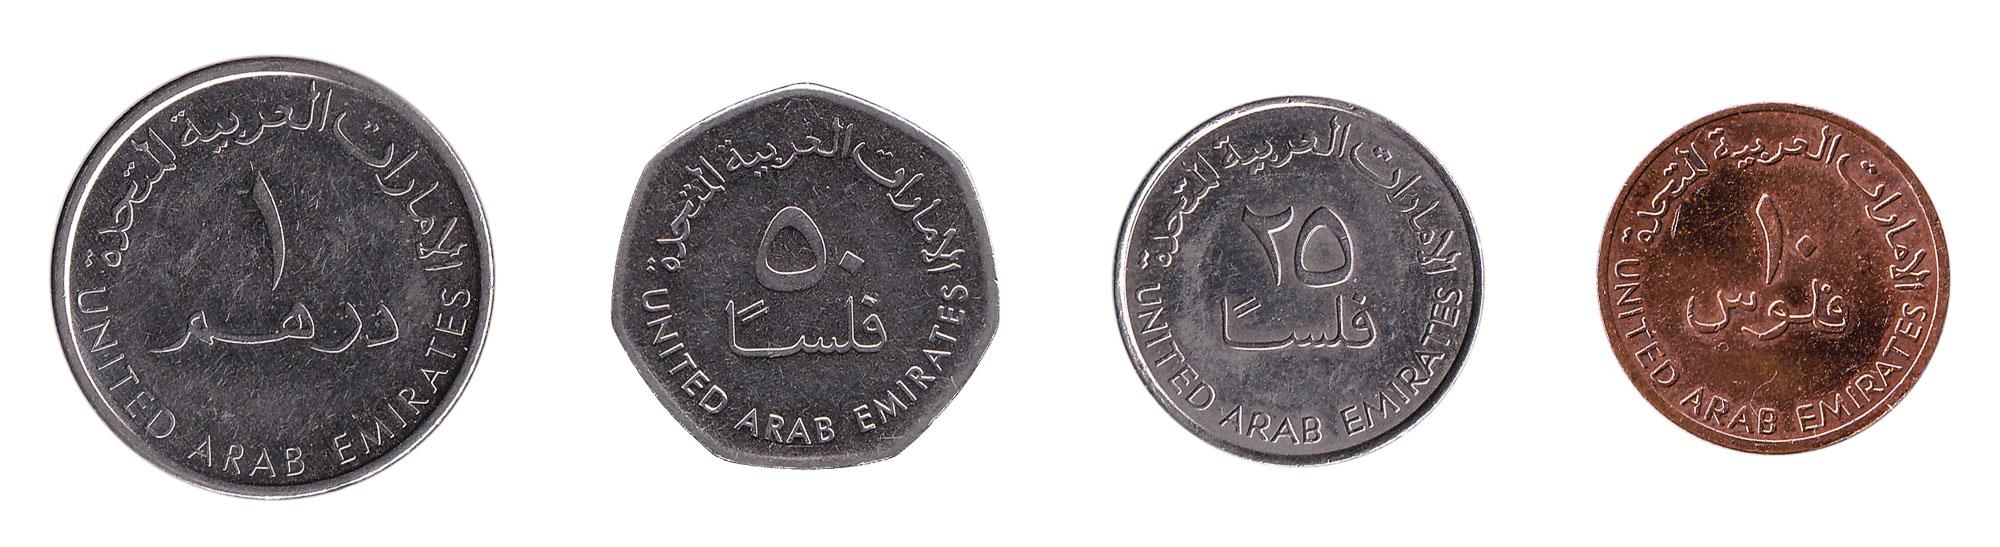 Emirati dirham coins